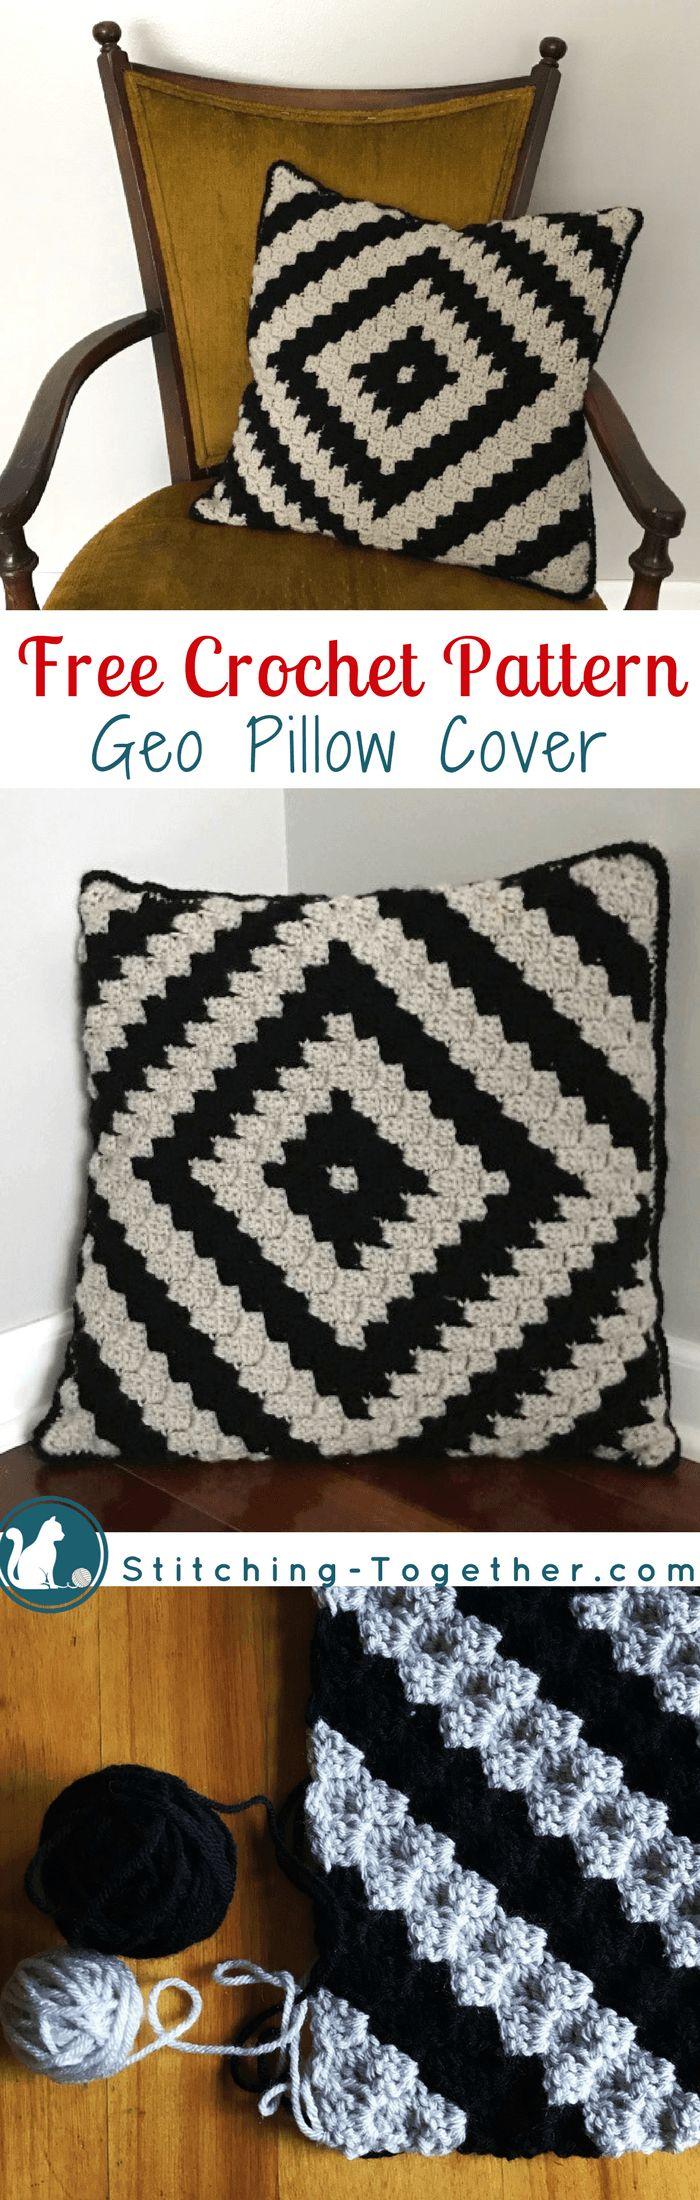 7007 best Crochet images on Pinterest | Crochet granny, Crochet ...